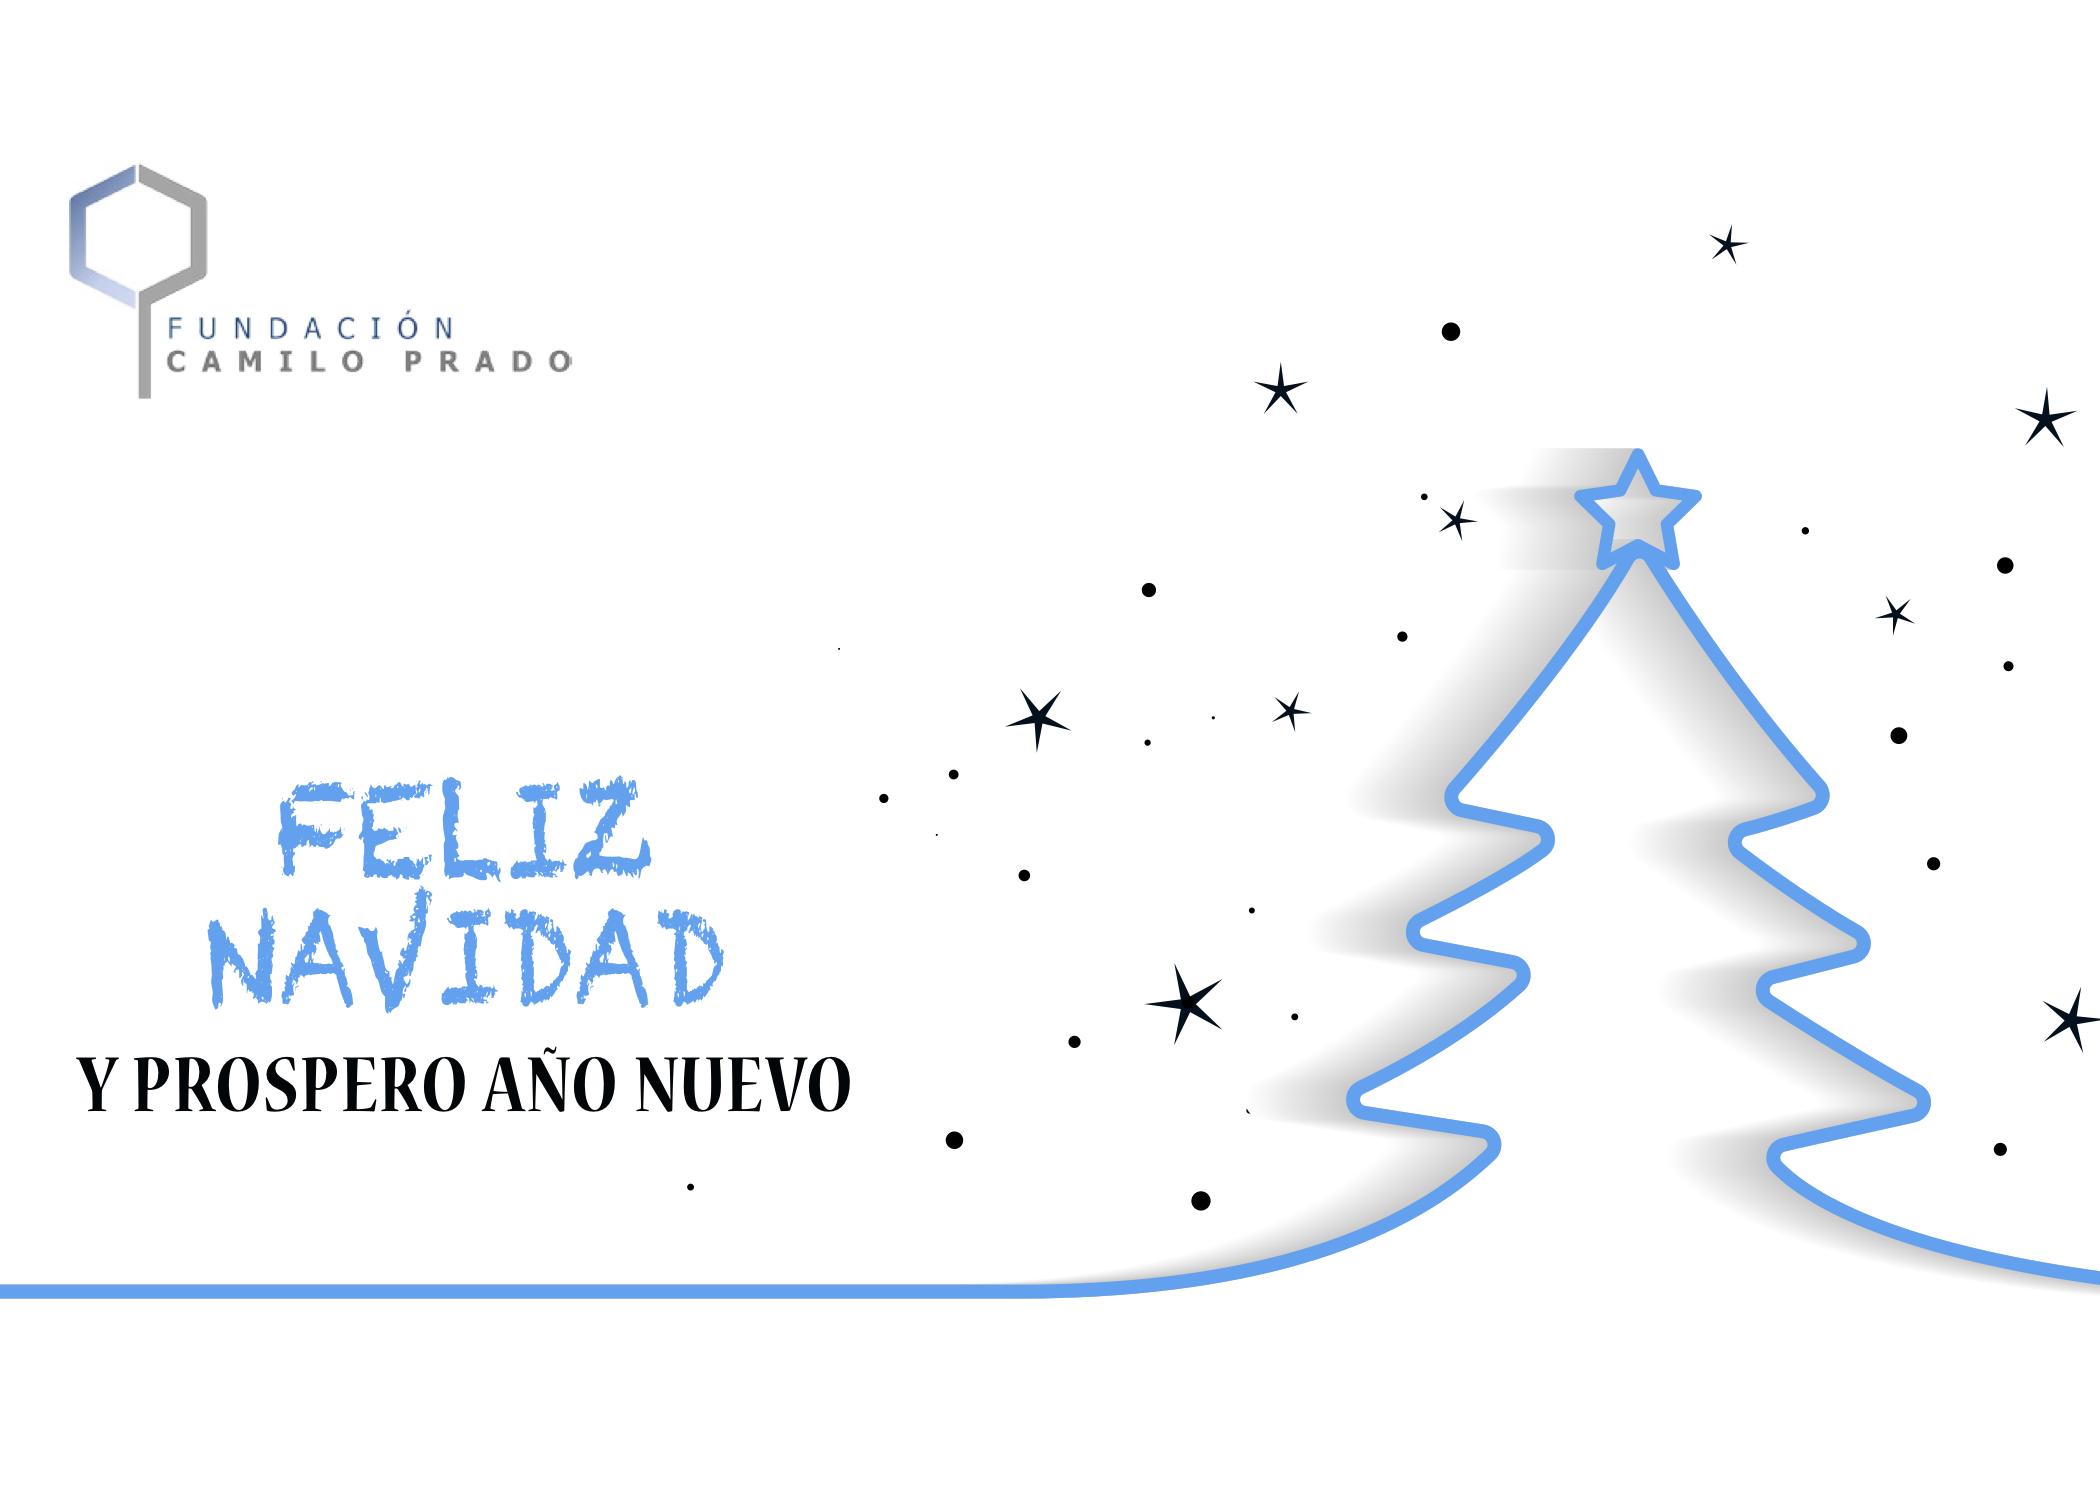 Imagenes Felicitacion Navidad 2019.Felicitacion Navidad 2019 Fundacion Camilo Prado